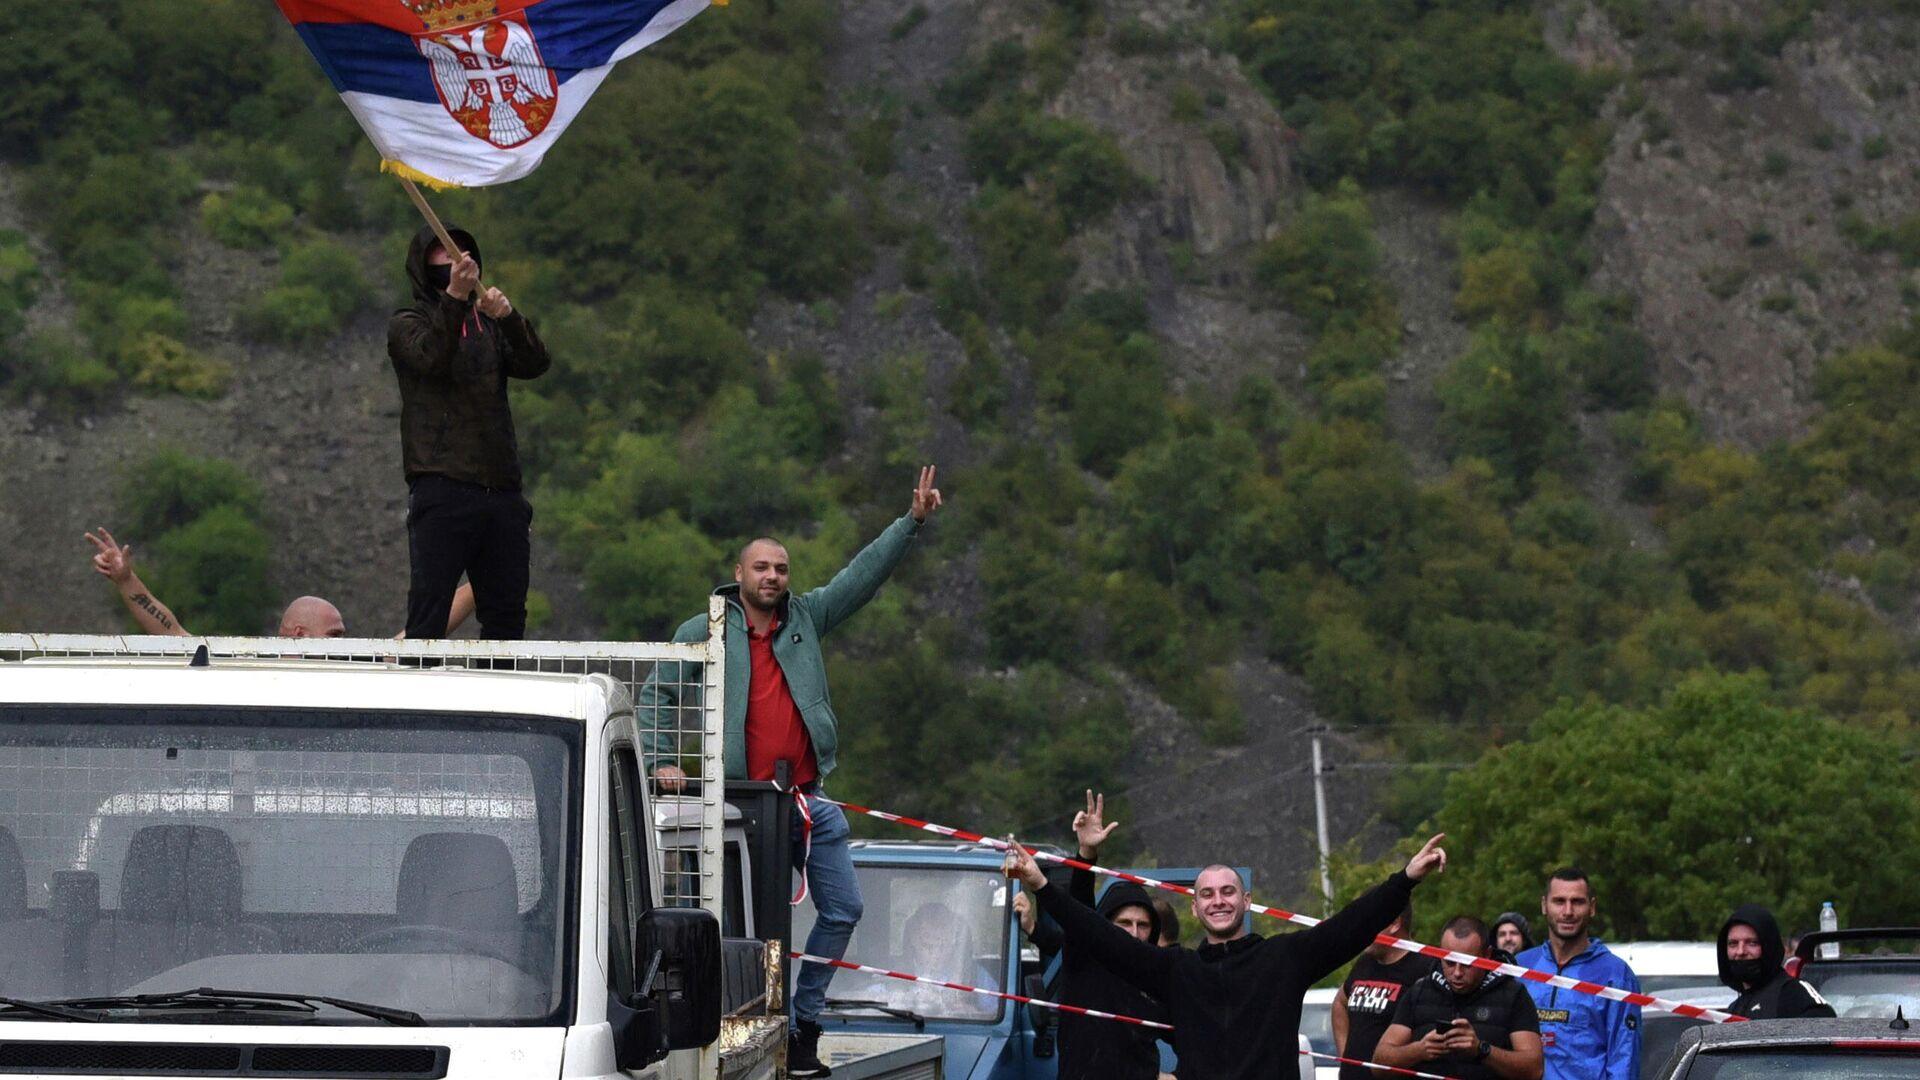 Los serbios de Kosovo protestan contra las restricciones de viaje con matrícula serbia en Jarinje  (Serbia), el 21 de septiembre del 2021 - Sputnik Mundo, 1920, 26.09.2021